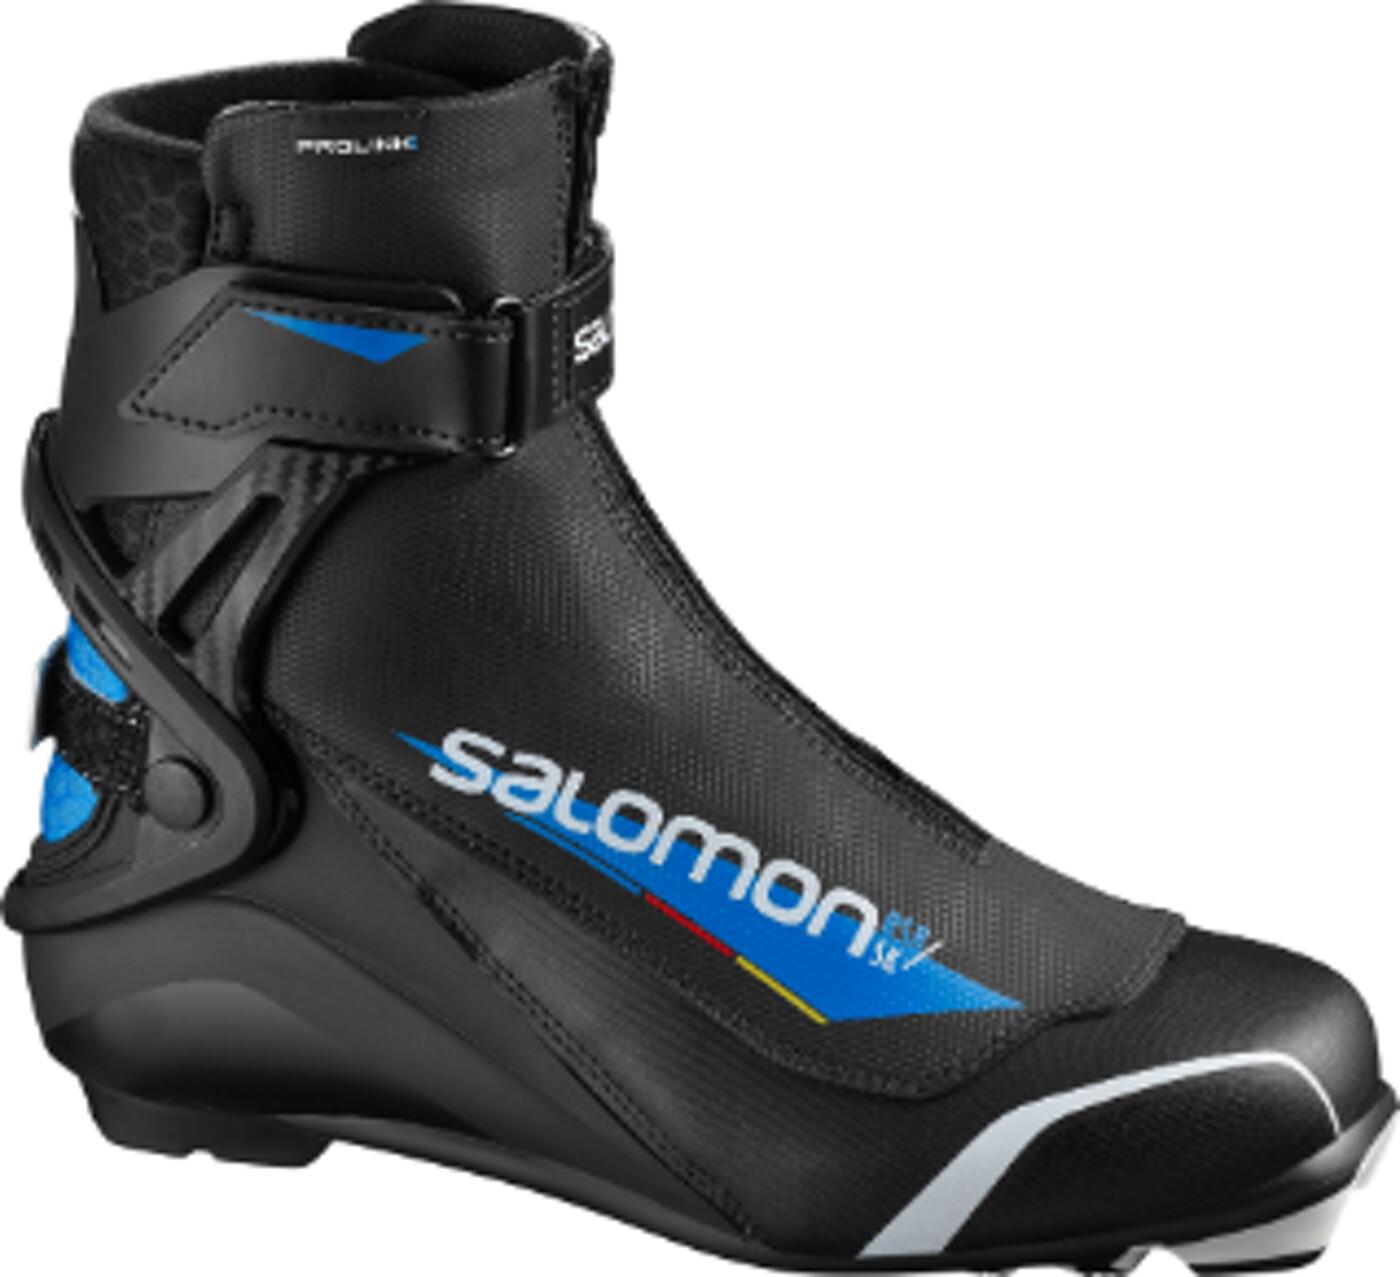 Langlaufschuh RS8 PROLINK Salomon - Herren